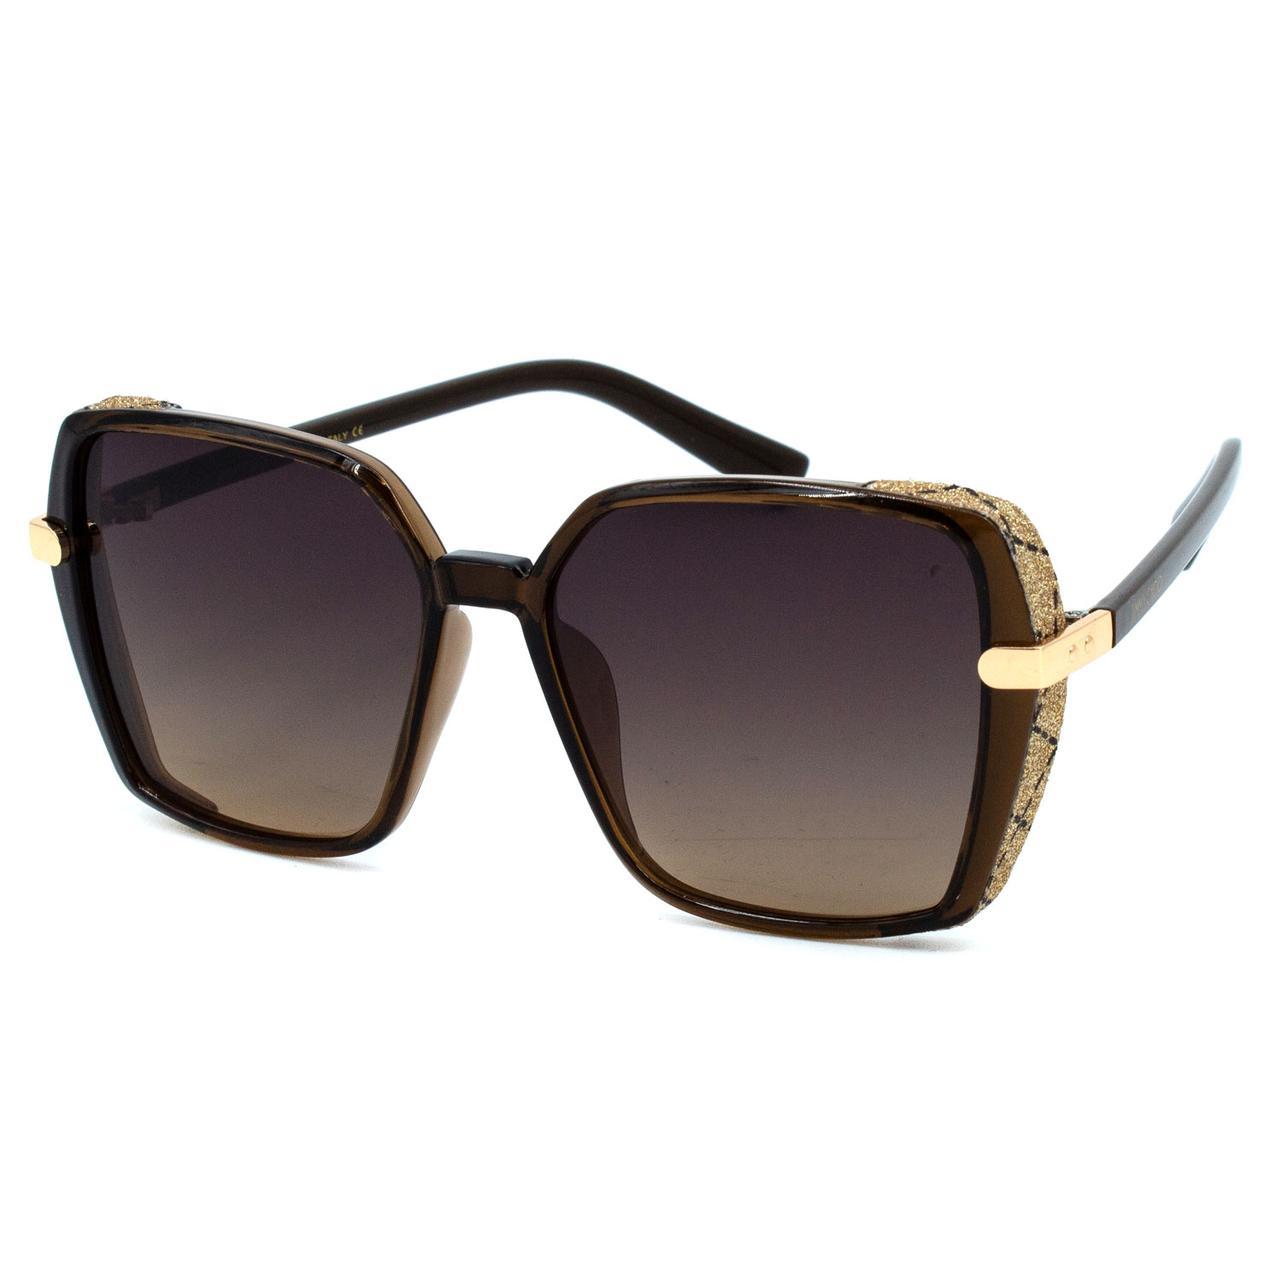 Солнцезащитные очки JC R9949 C3 коричневые     ( R9949-03 )